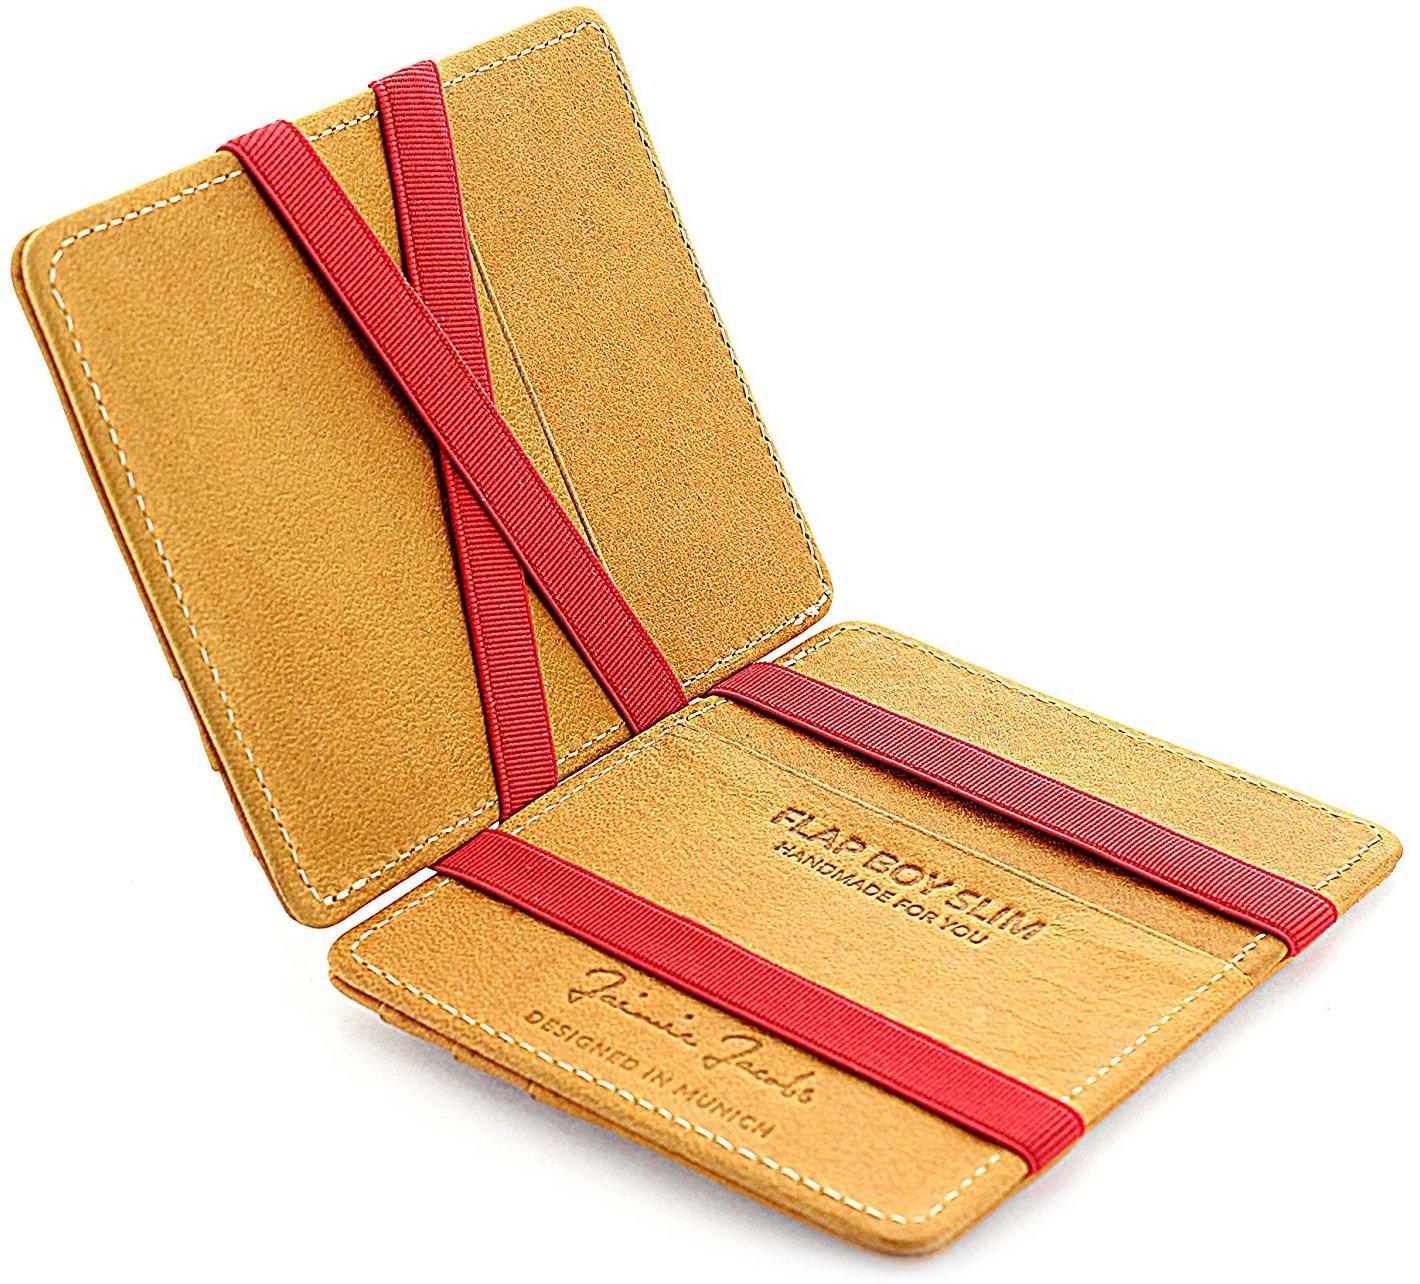 JAIMIE JACOBS ® Magic Wallet Flap Boy Slim - l'Original - Portefeuille Magique, Blocage RFID, Porte Billet, Porte Monnaie Mince Homme, Cuir Vache (Avec Gravure) FBSG